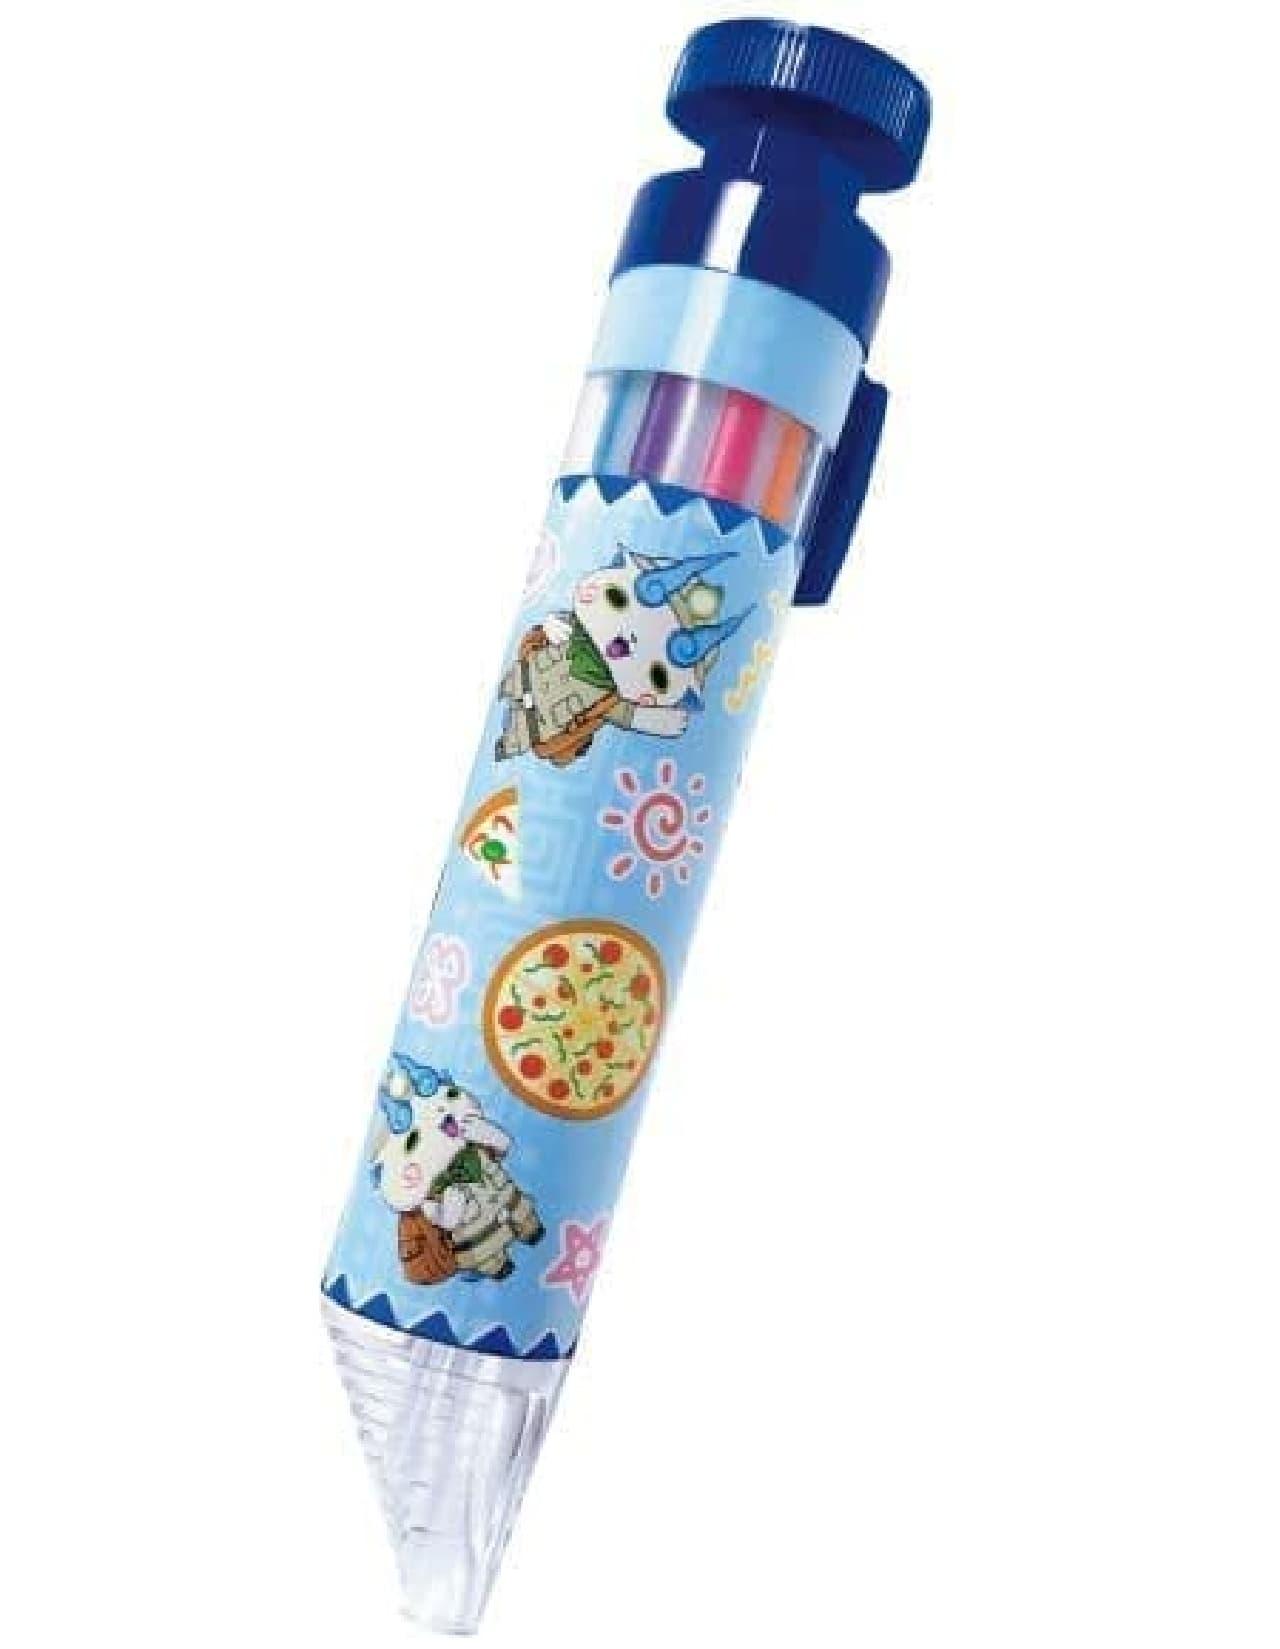 「妖怪ウォッチスペシャルパック」はお好みのM・Lサイズのピザにプラス200円で妖怪ウォッチオリジナルグッズが付くパック